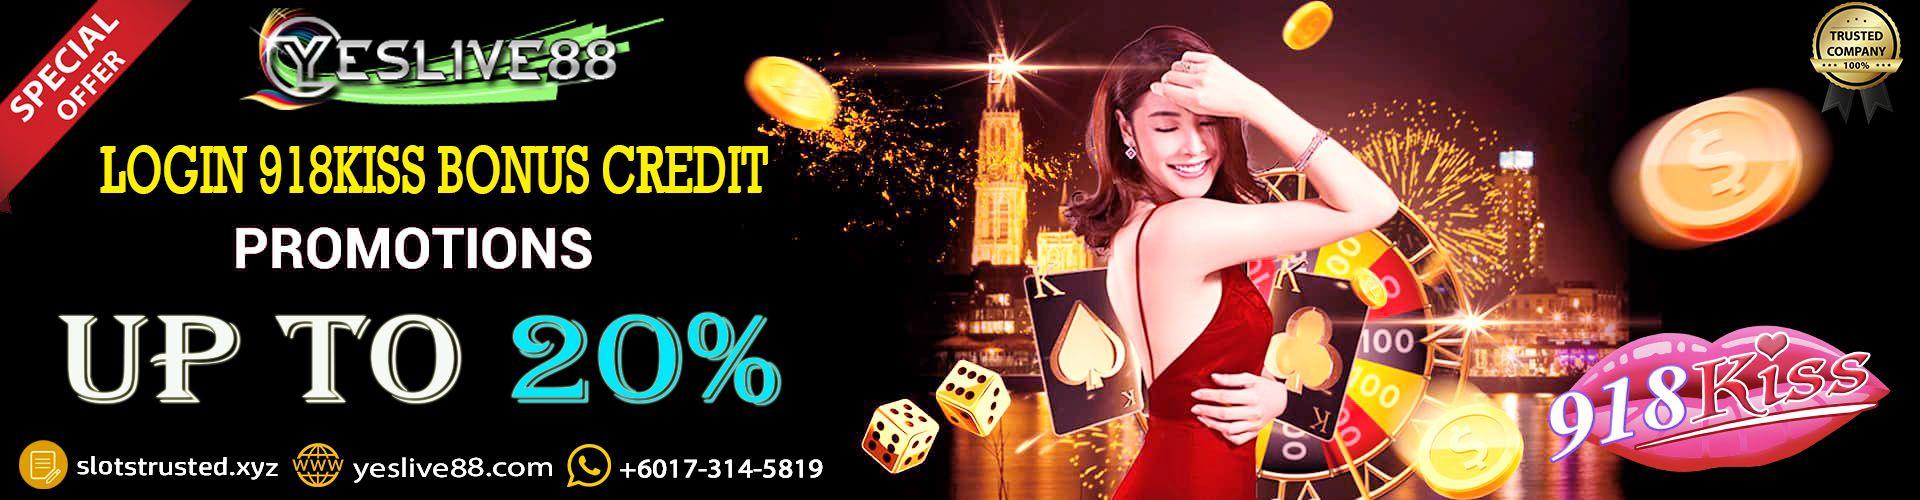 Bonus credit | Login 918Kiss | Register 918Kiss | Download apk 2020 | Free 918kiss